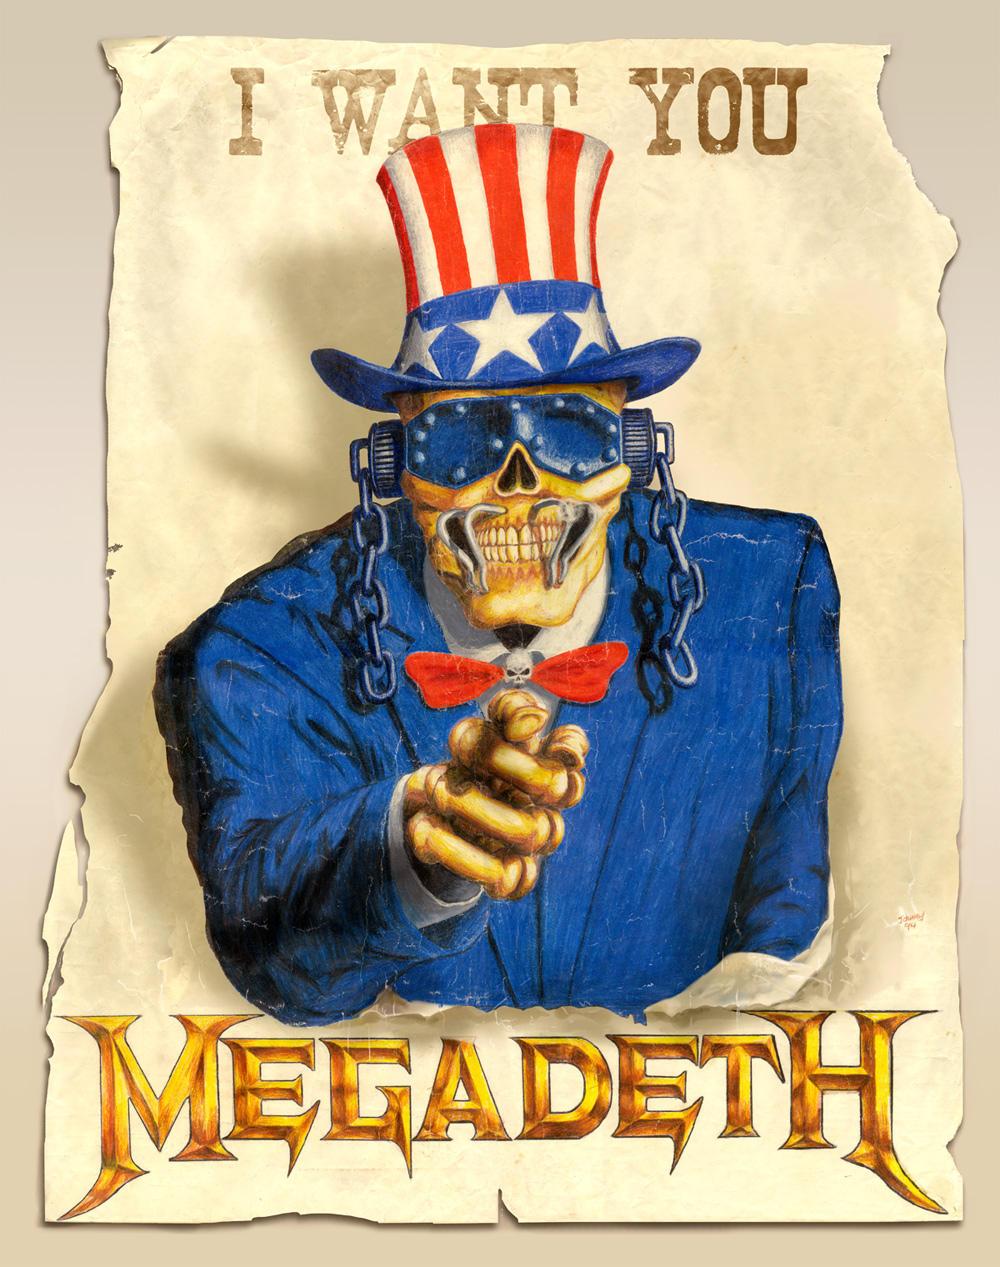 Megadeth want you by Jonzy on DeviantArt: jonzy.deviantart.com/art/Megadeth-want-you-17580496